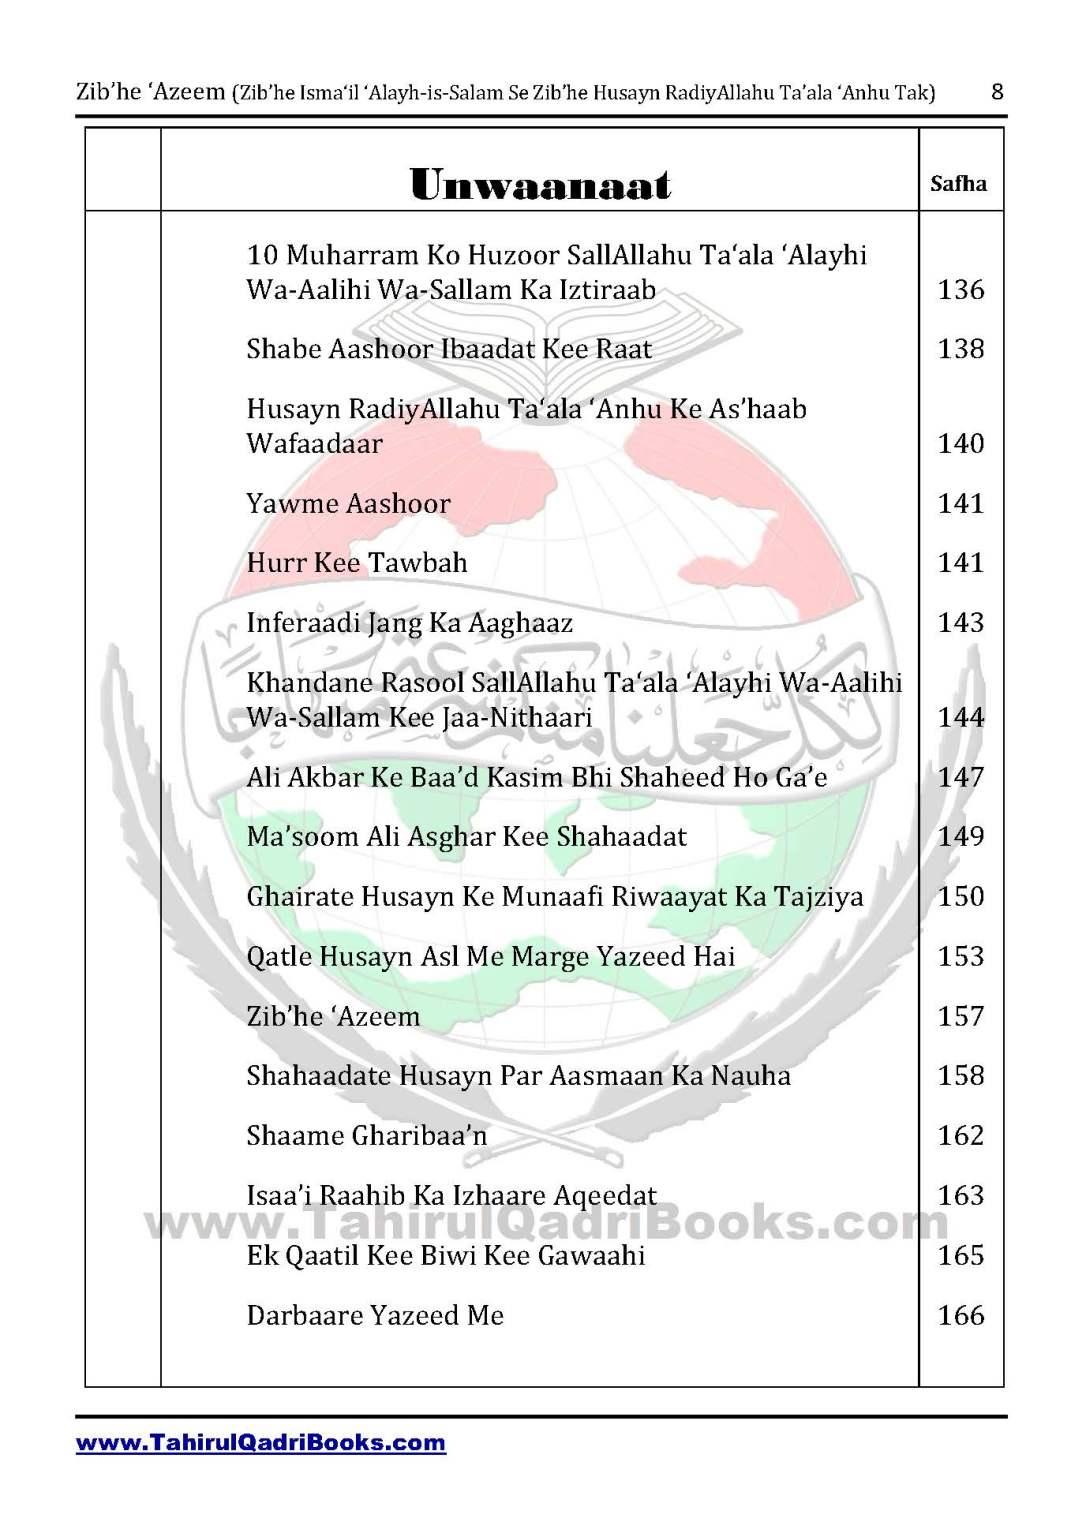 zib_he-e28098azeem-zib_he-ismacabbil-se-zib_he-husayn-tak-in-roman-urdu-unlocked_Page_008